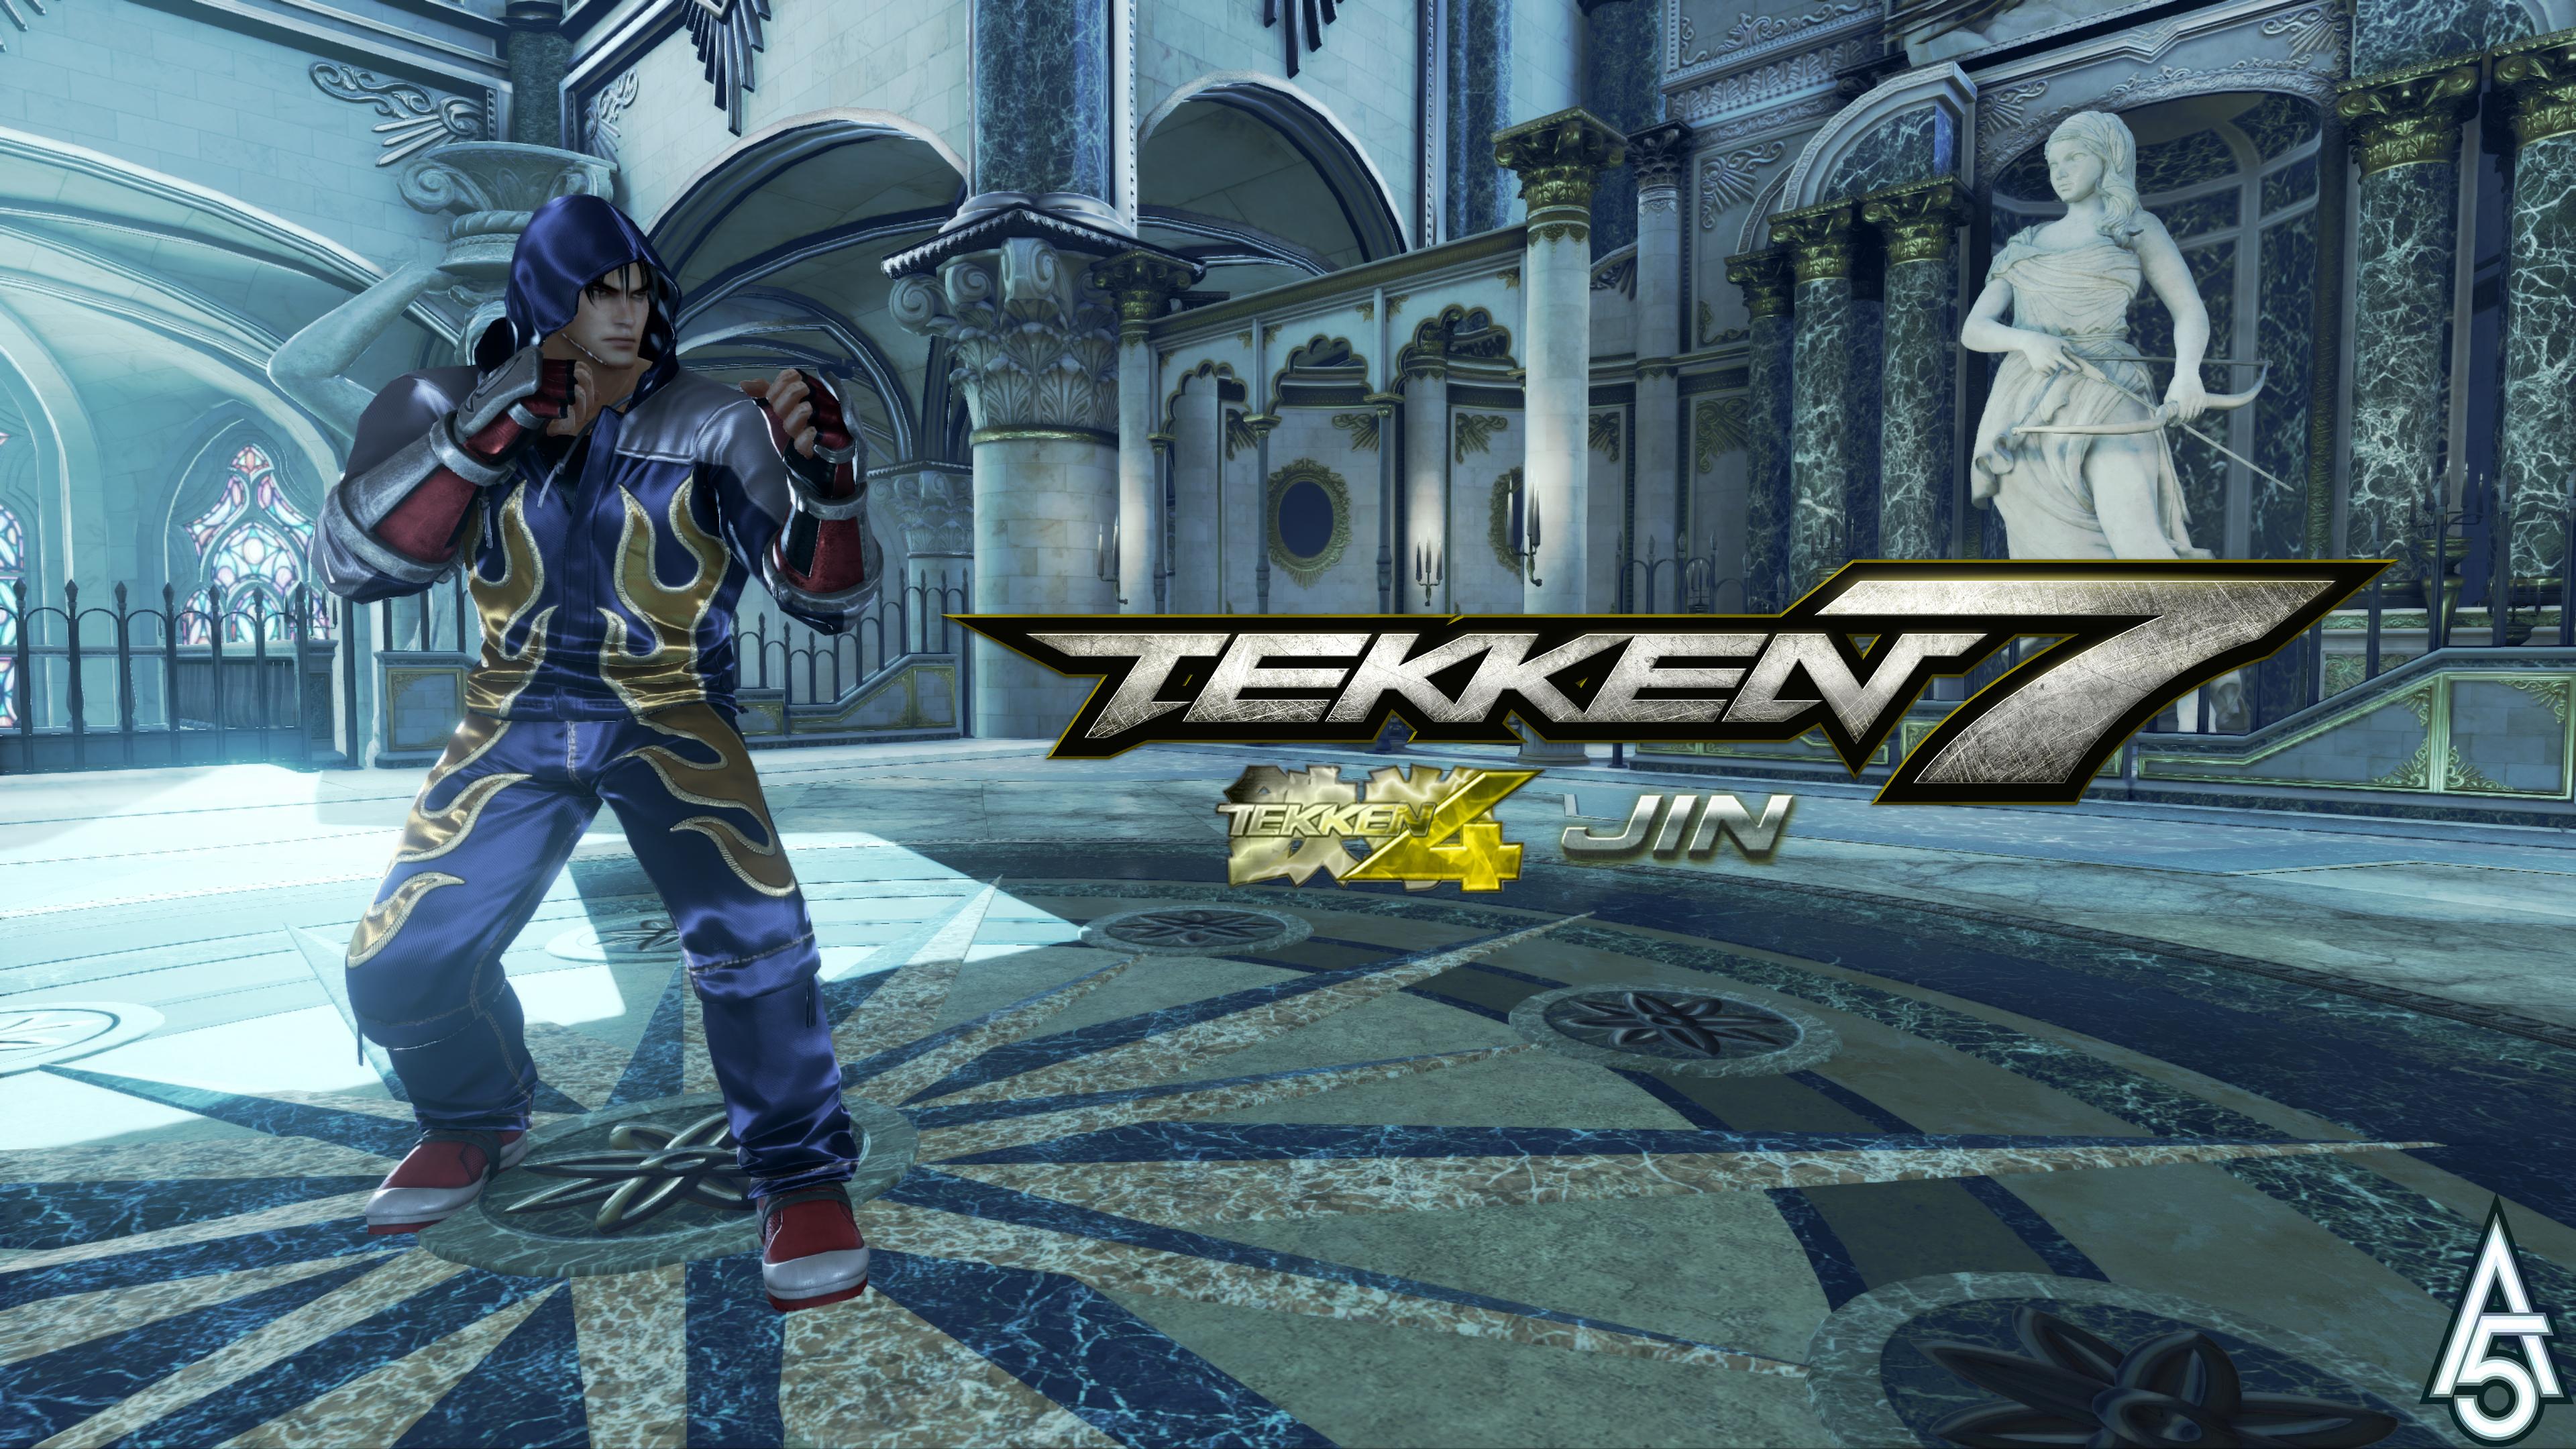 Tekken 7 Tekken 4 Jin Outfit Mod Outdated By A5tronomy On